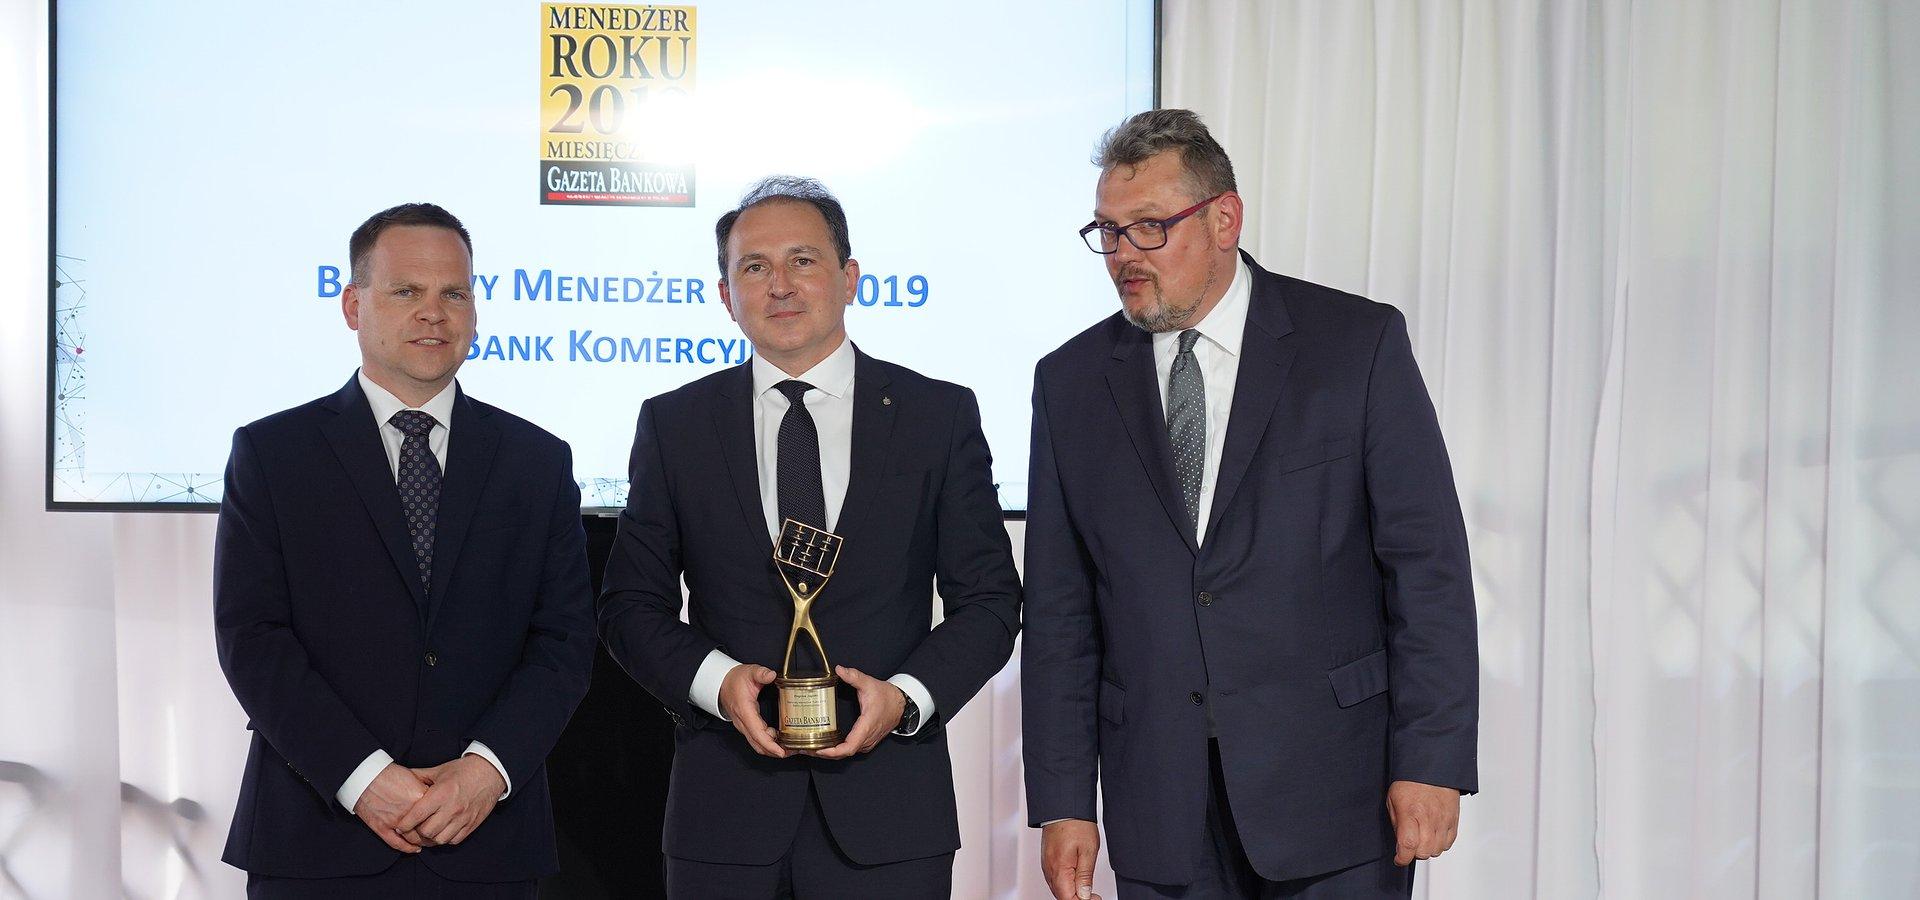 Zbigniew Jagiełło, prezes Zarządu PKO Banku Polskiego Bankowym Menedżerem